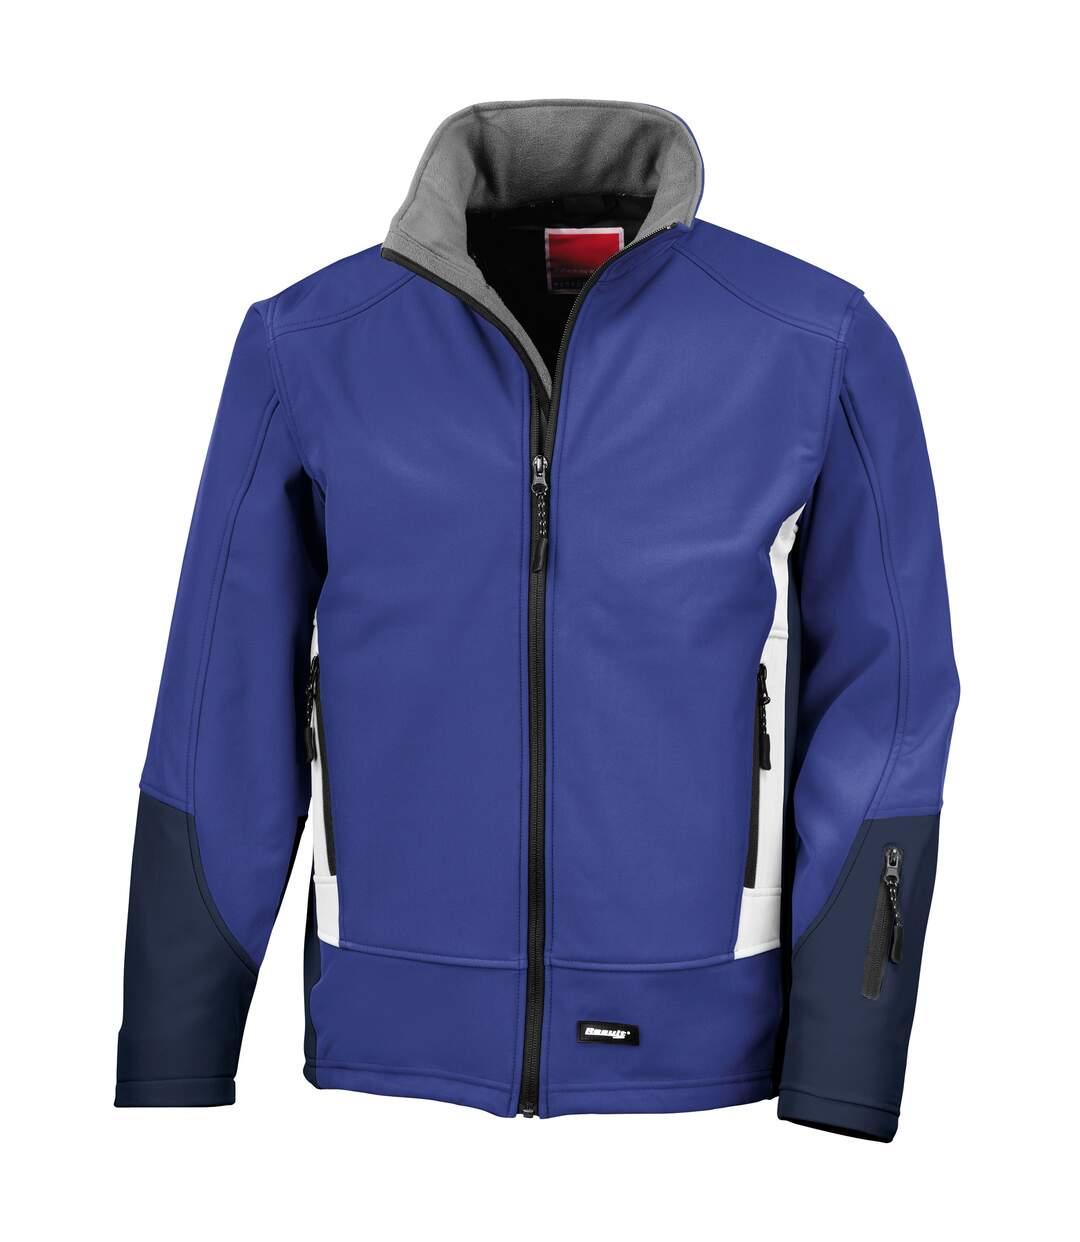 Result Blade - Veste Softshell Hydrofuge Et Coupe-Vent - Homme (Bleu roi) - UTRW3210